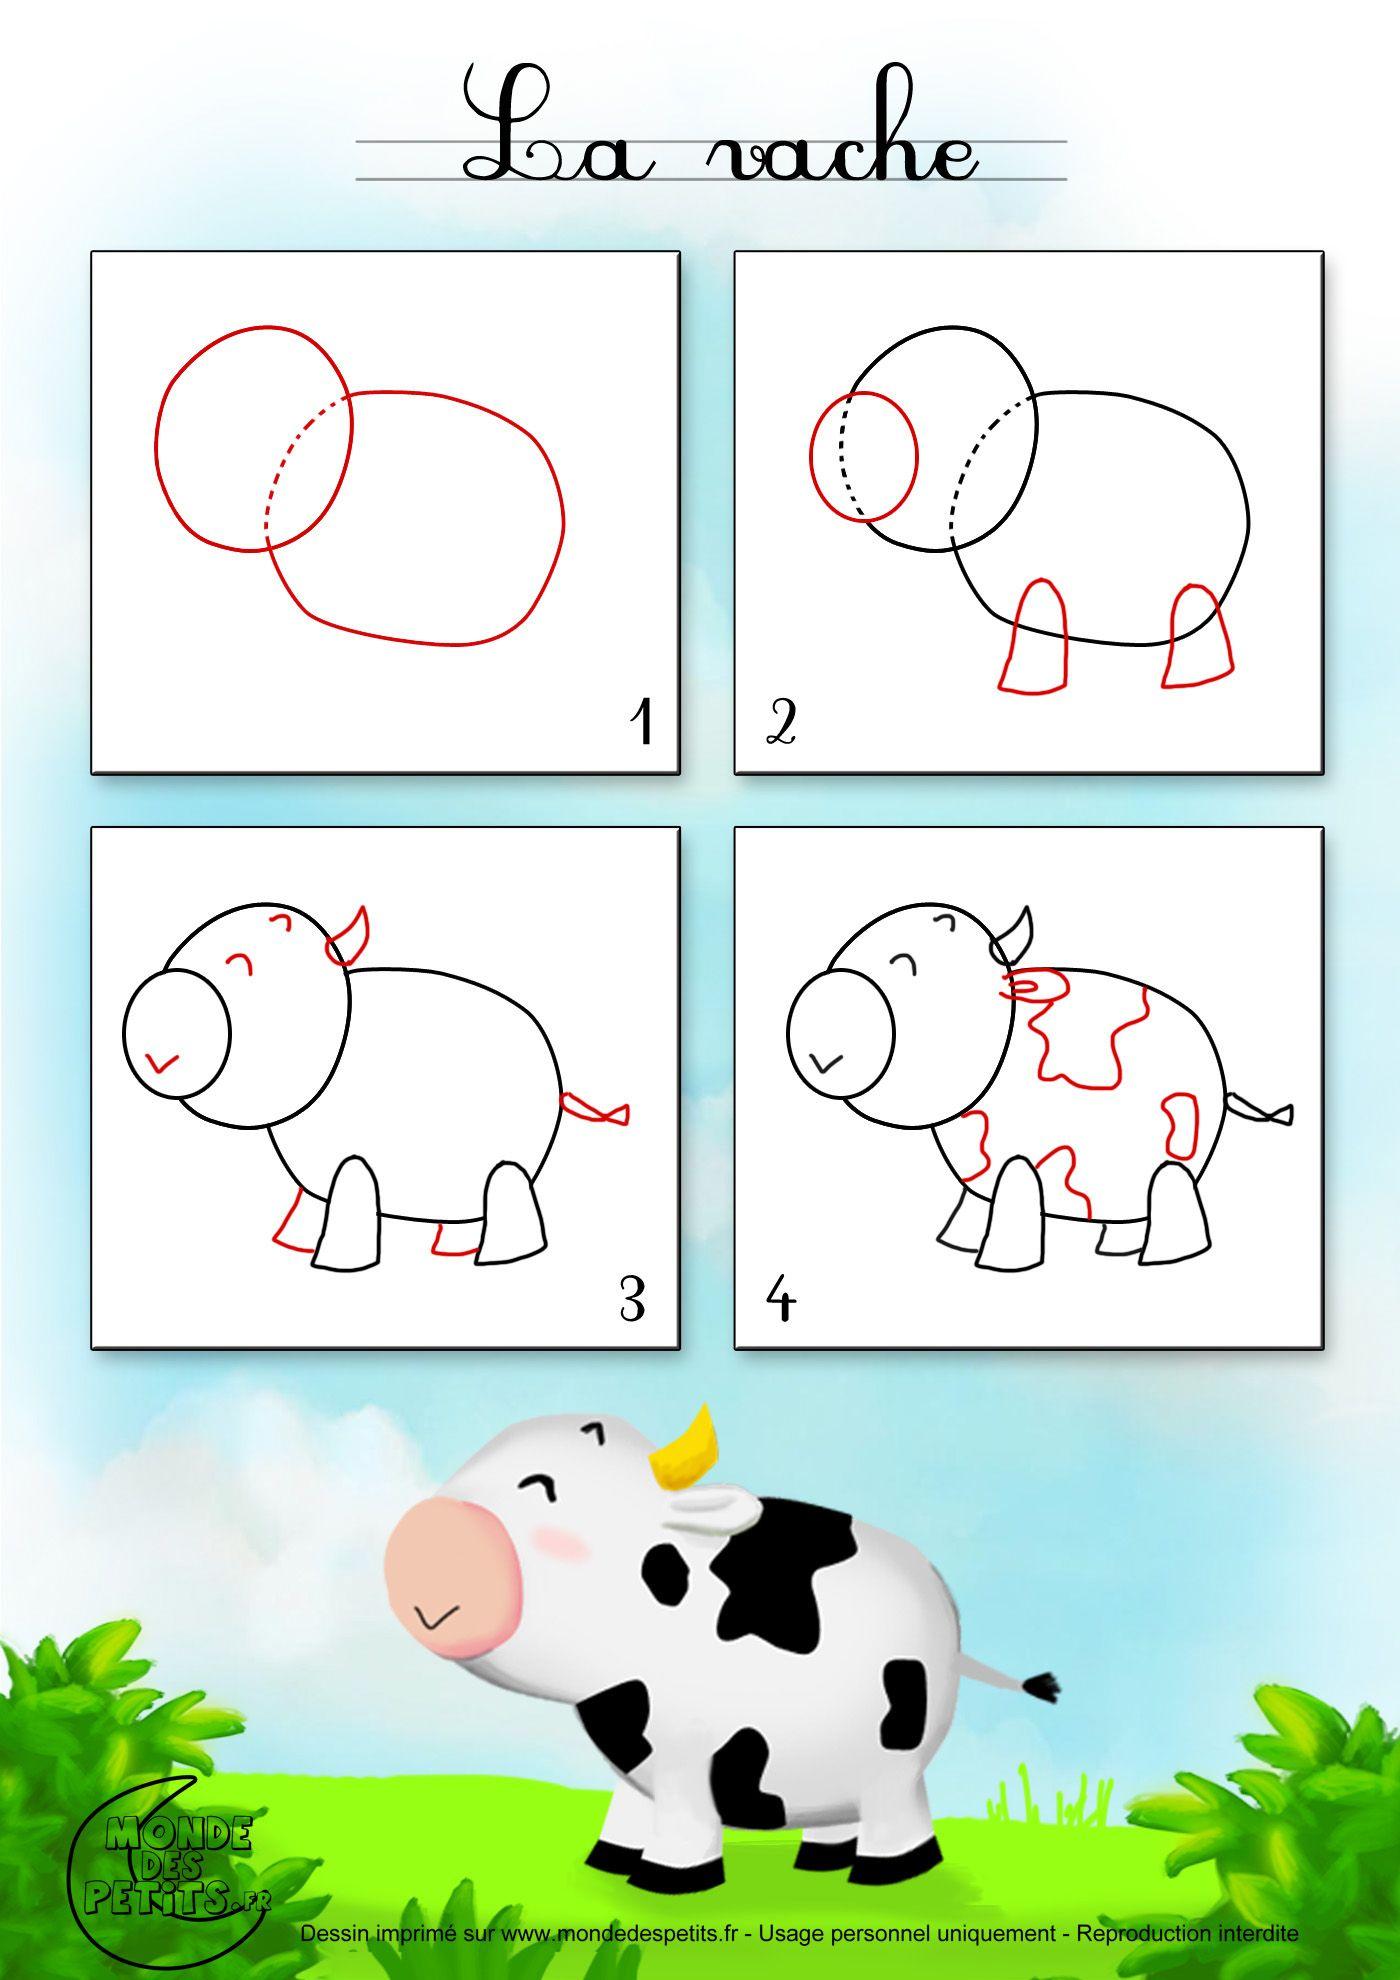 Dessin2 comment dessiner une vache basteln pinterest comment dessiner vache et dessiner - Dessiner une vache ...